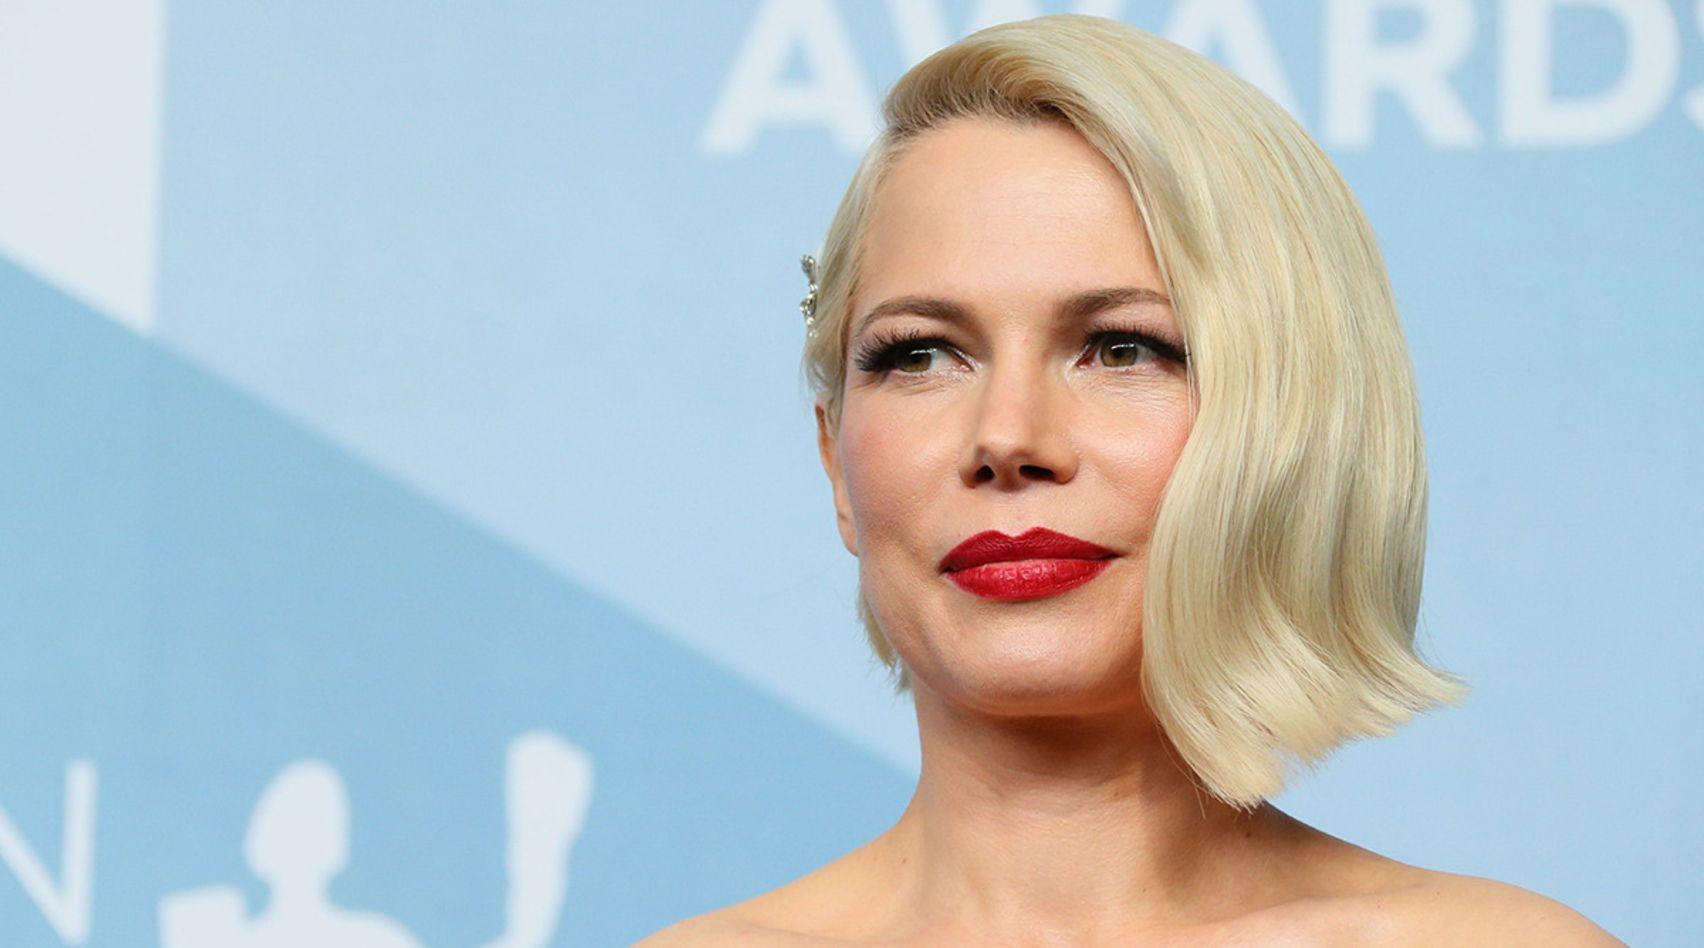 Die Perfekte Frisur Fur Den Ubergang Quikkies Sind Die Losung Wenn Du Deine Kurzen Haare Wachsen Lassen Mochtest In 2020 Kurze Haare Wachsen Lassen Haare Wachsen Lassen Haare Wachsen